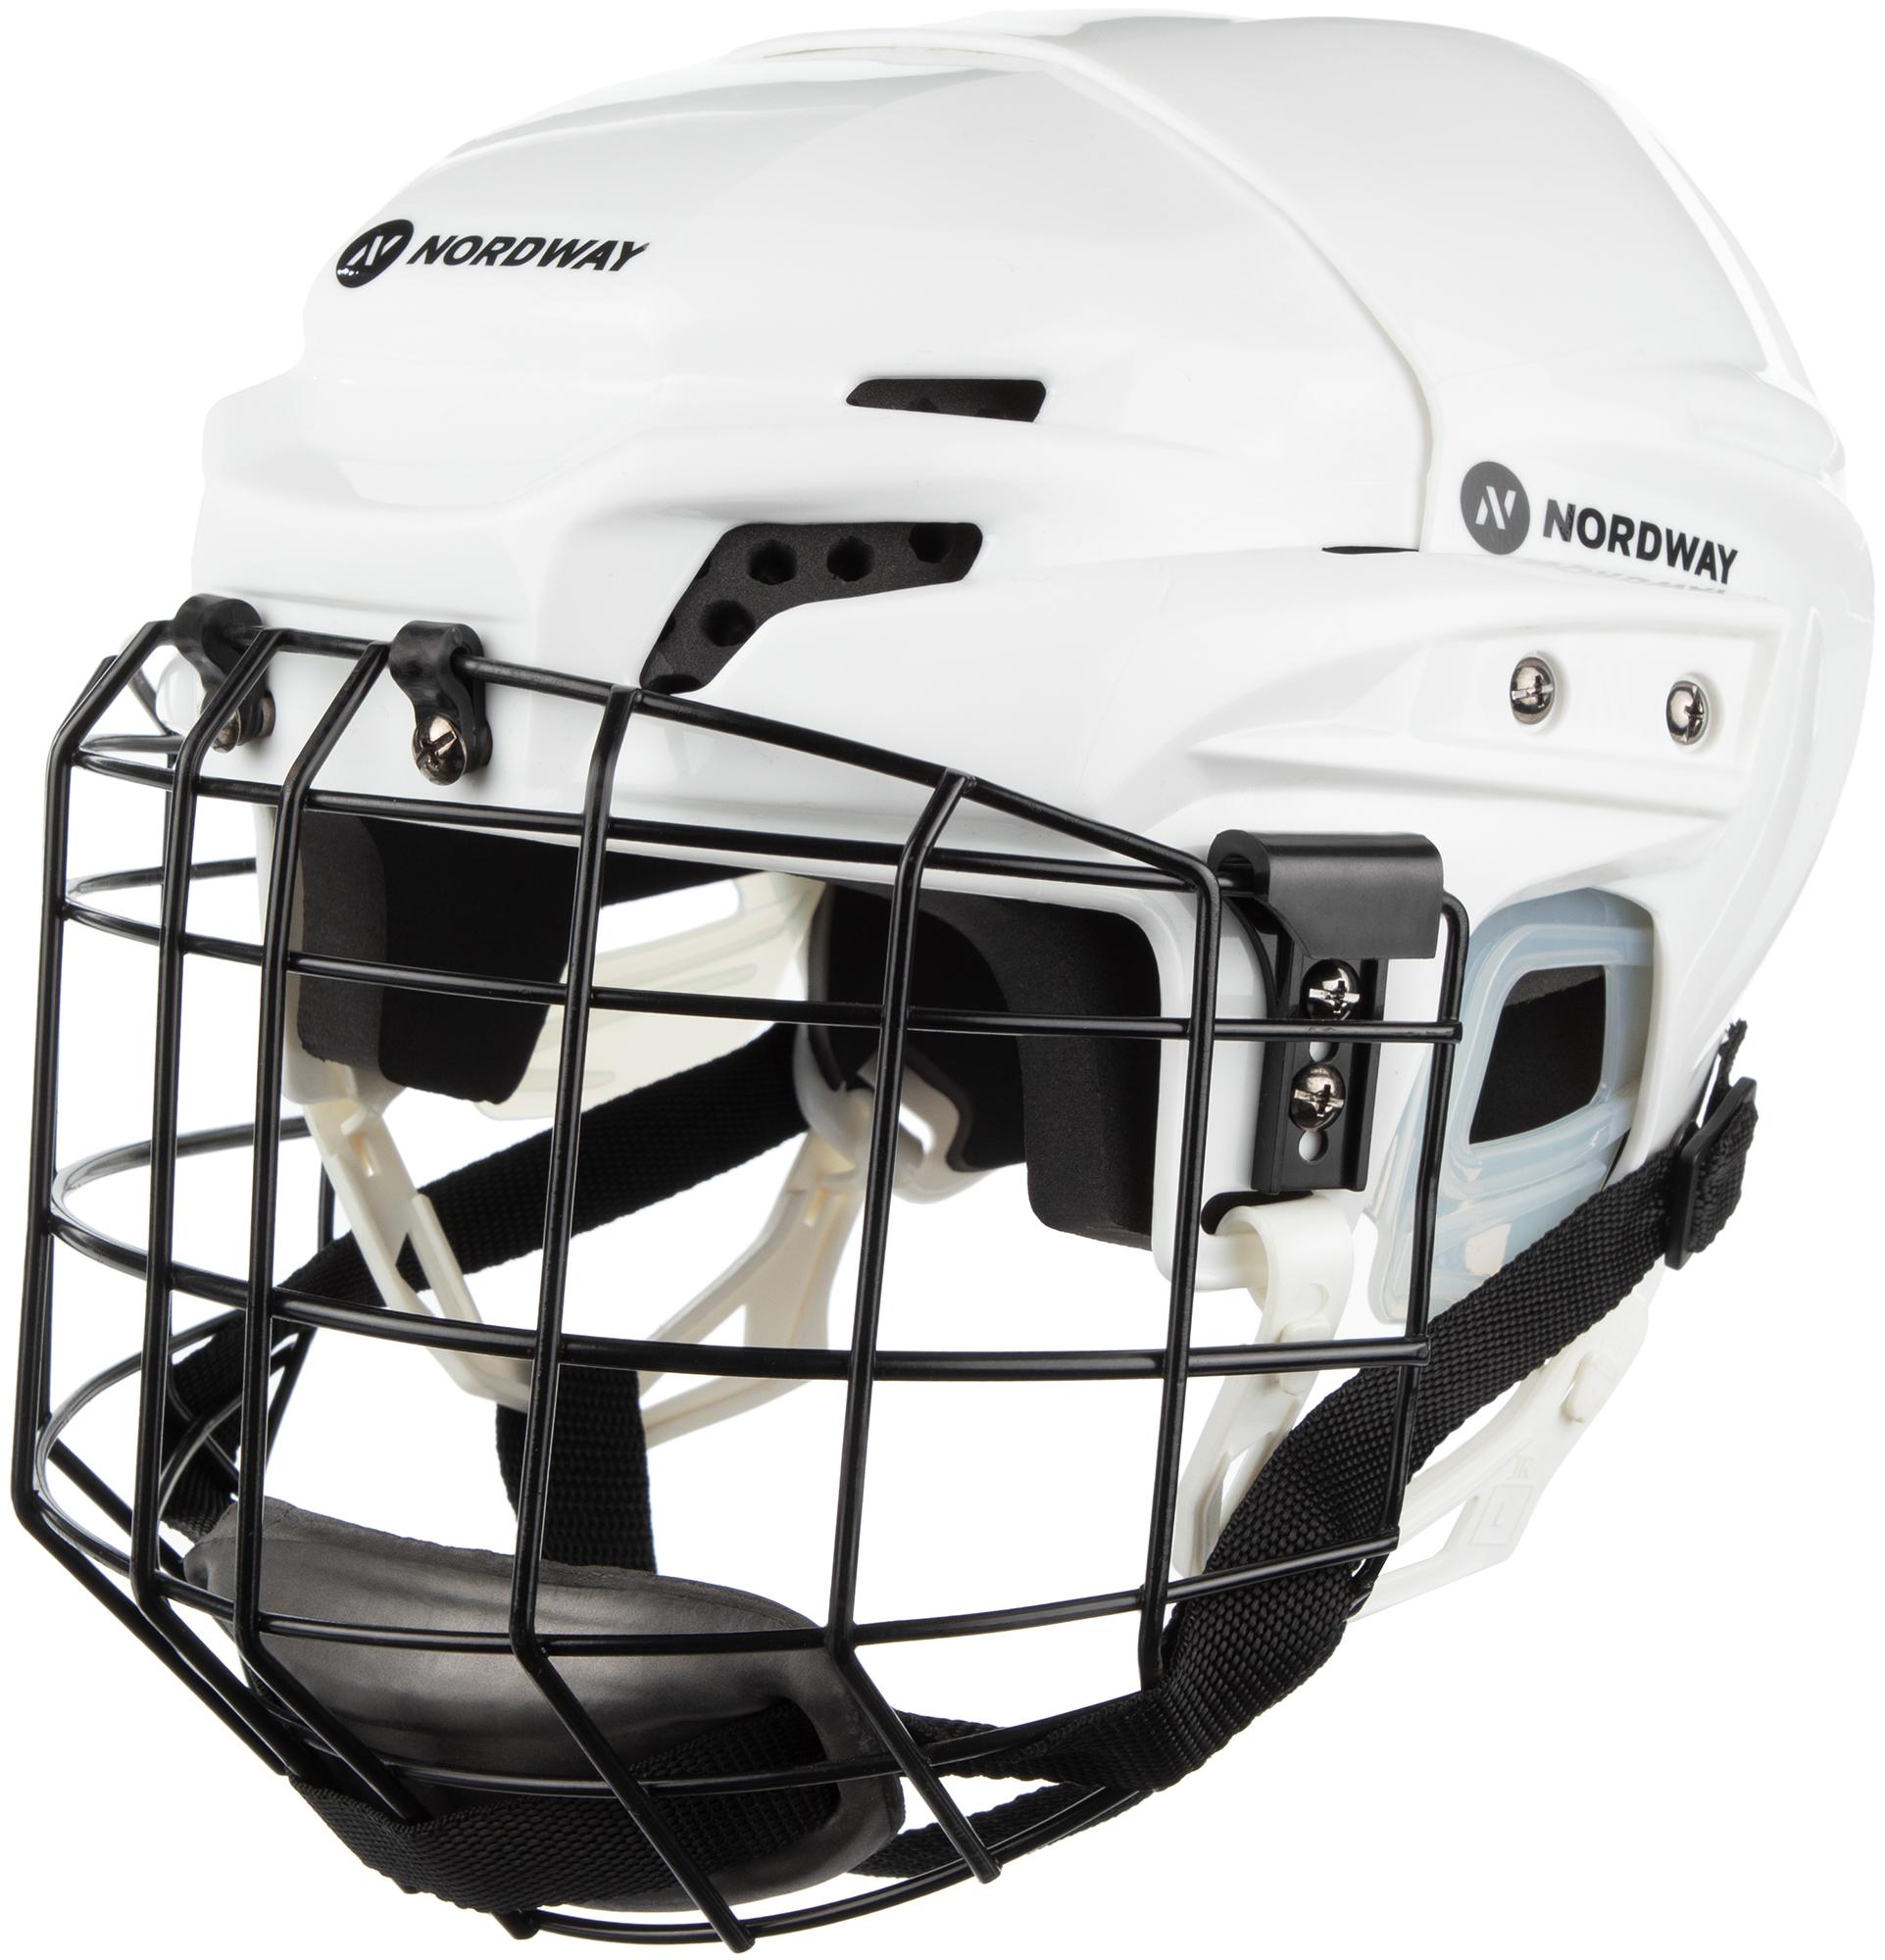 Nordway Шлем хоккейный детский с маской Nordway 3 JR